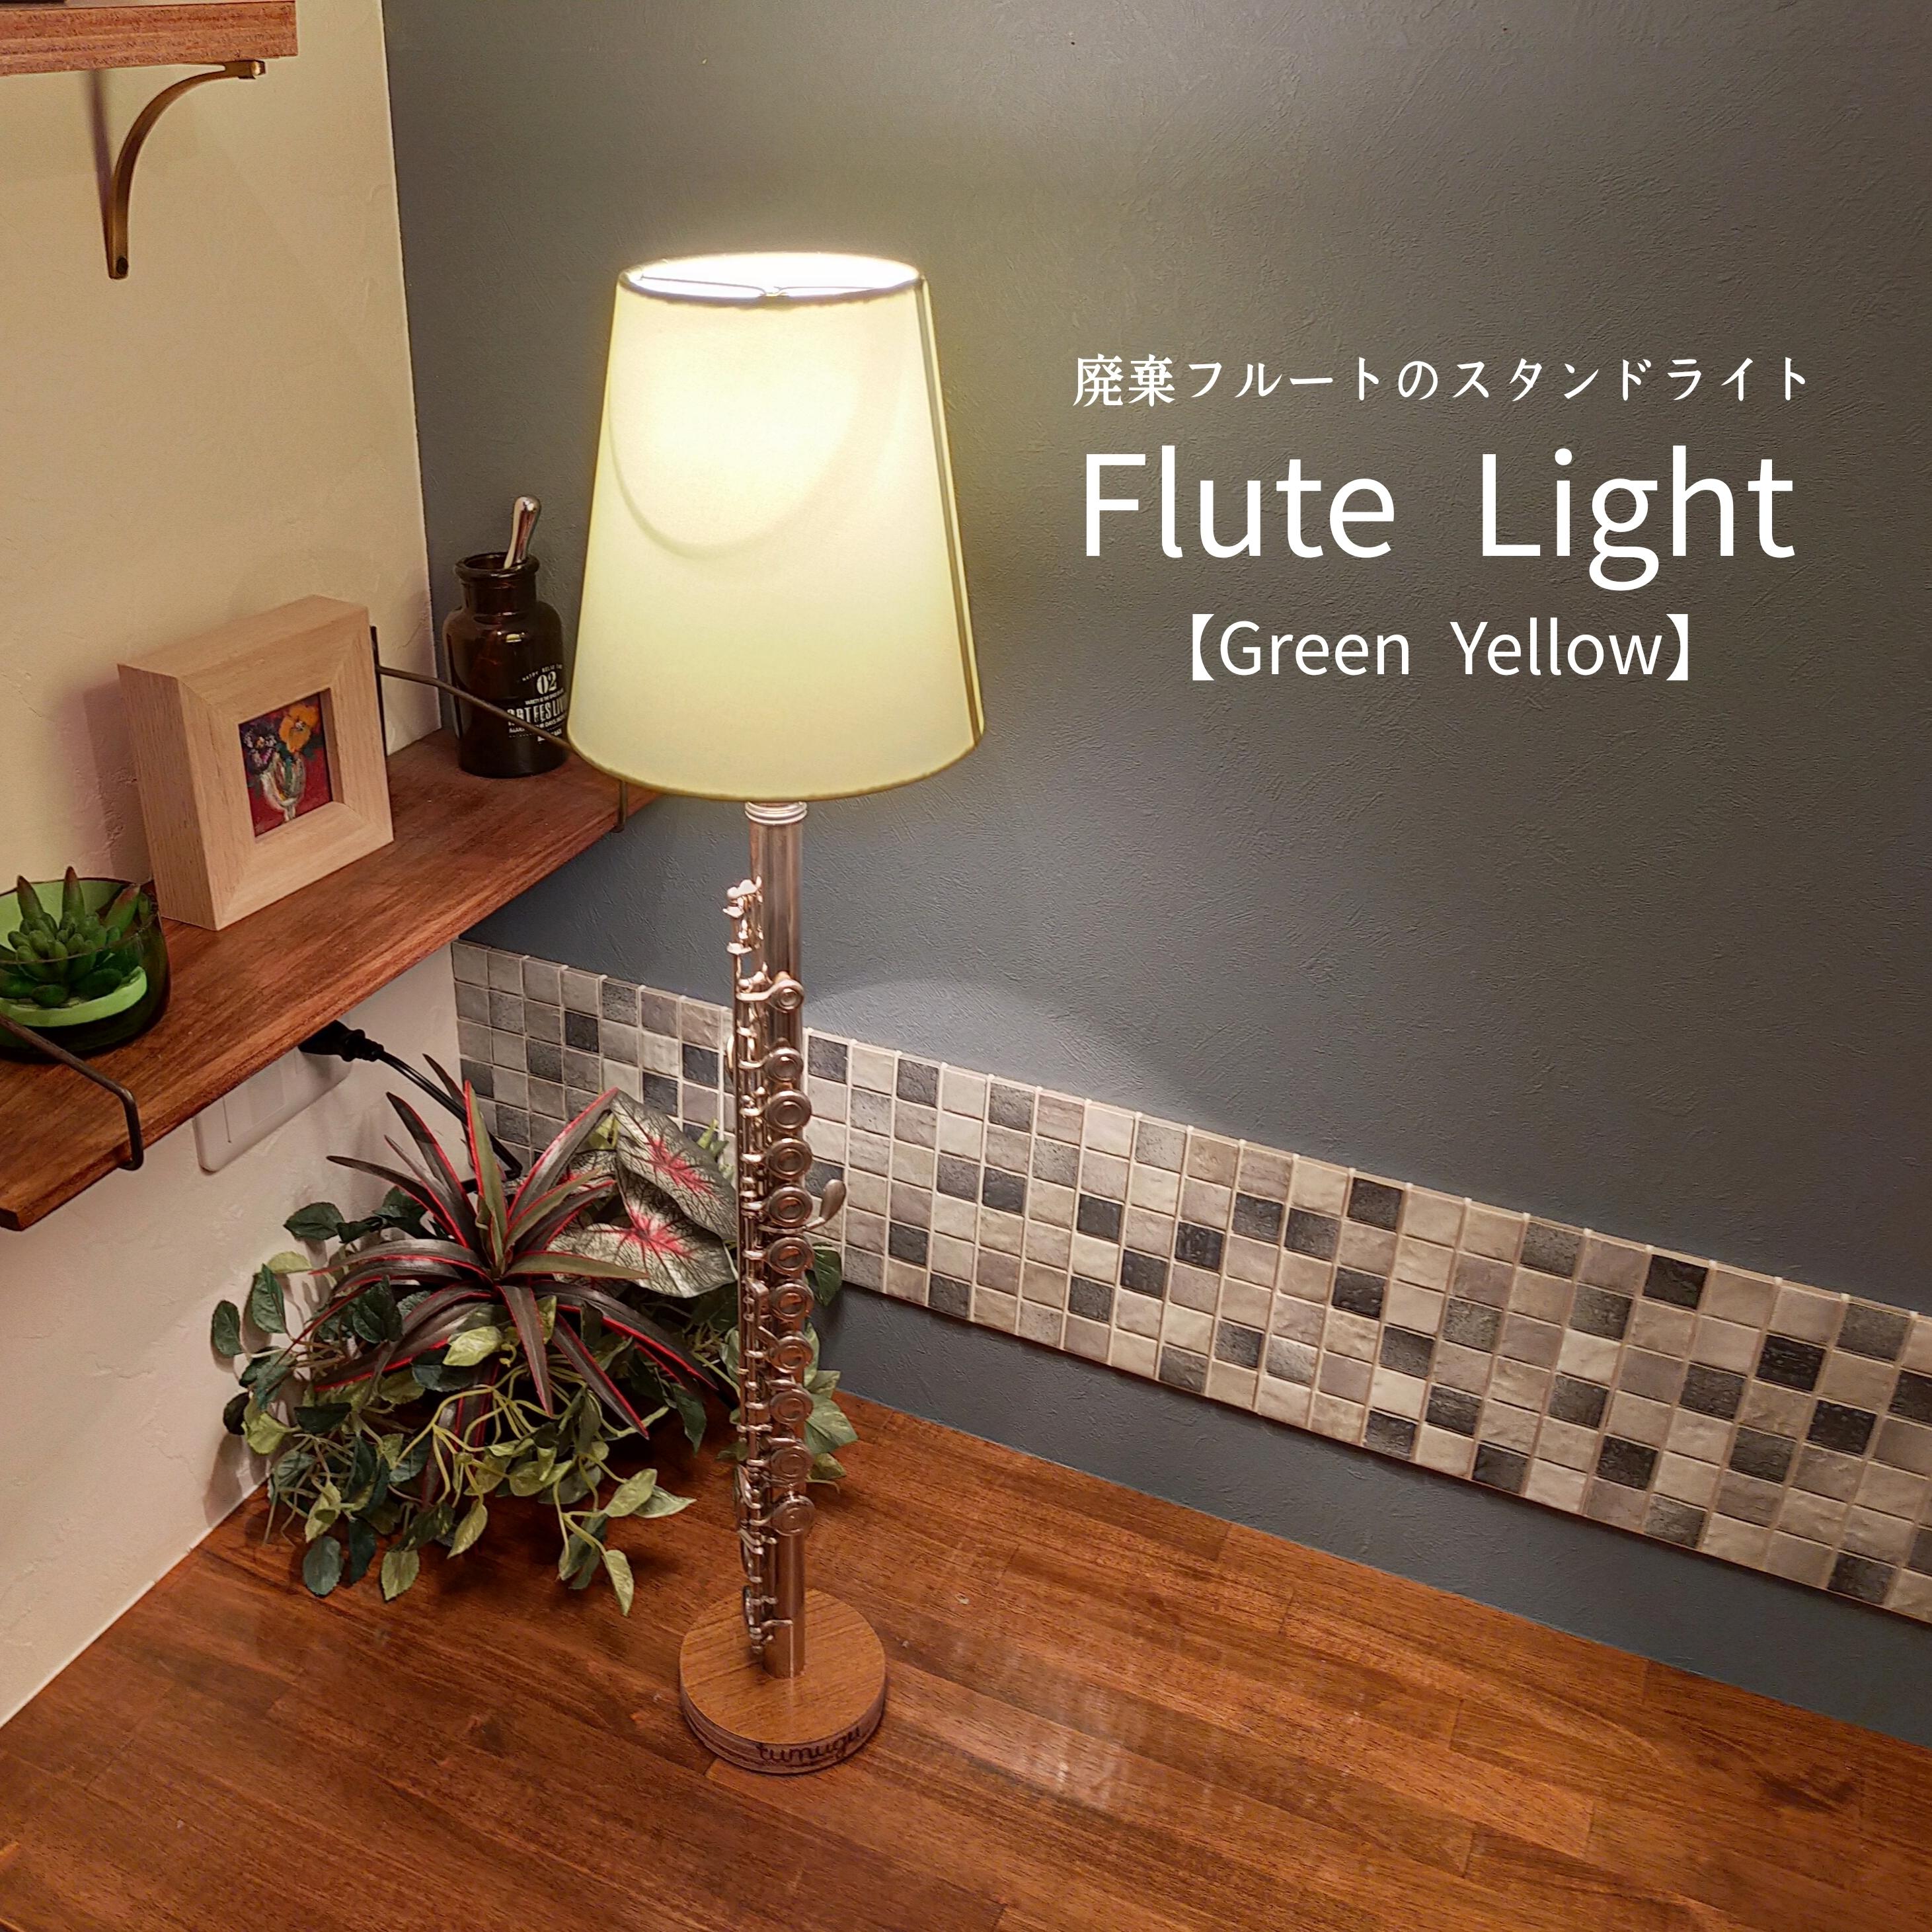 Flute Light【yellow green】